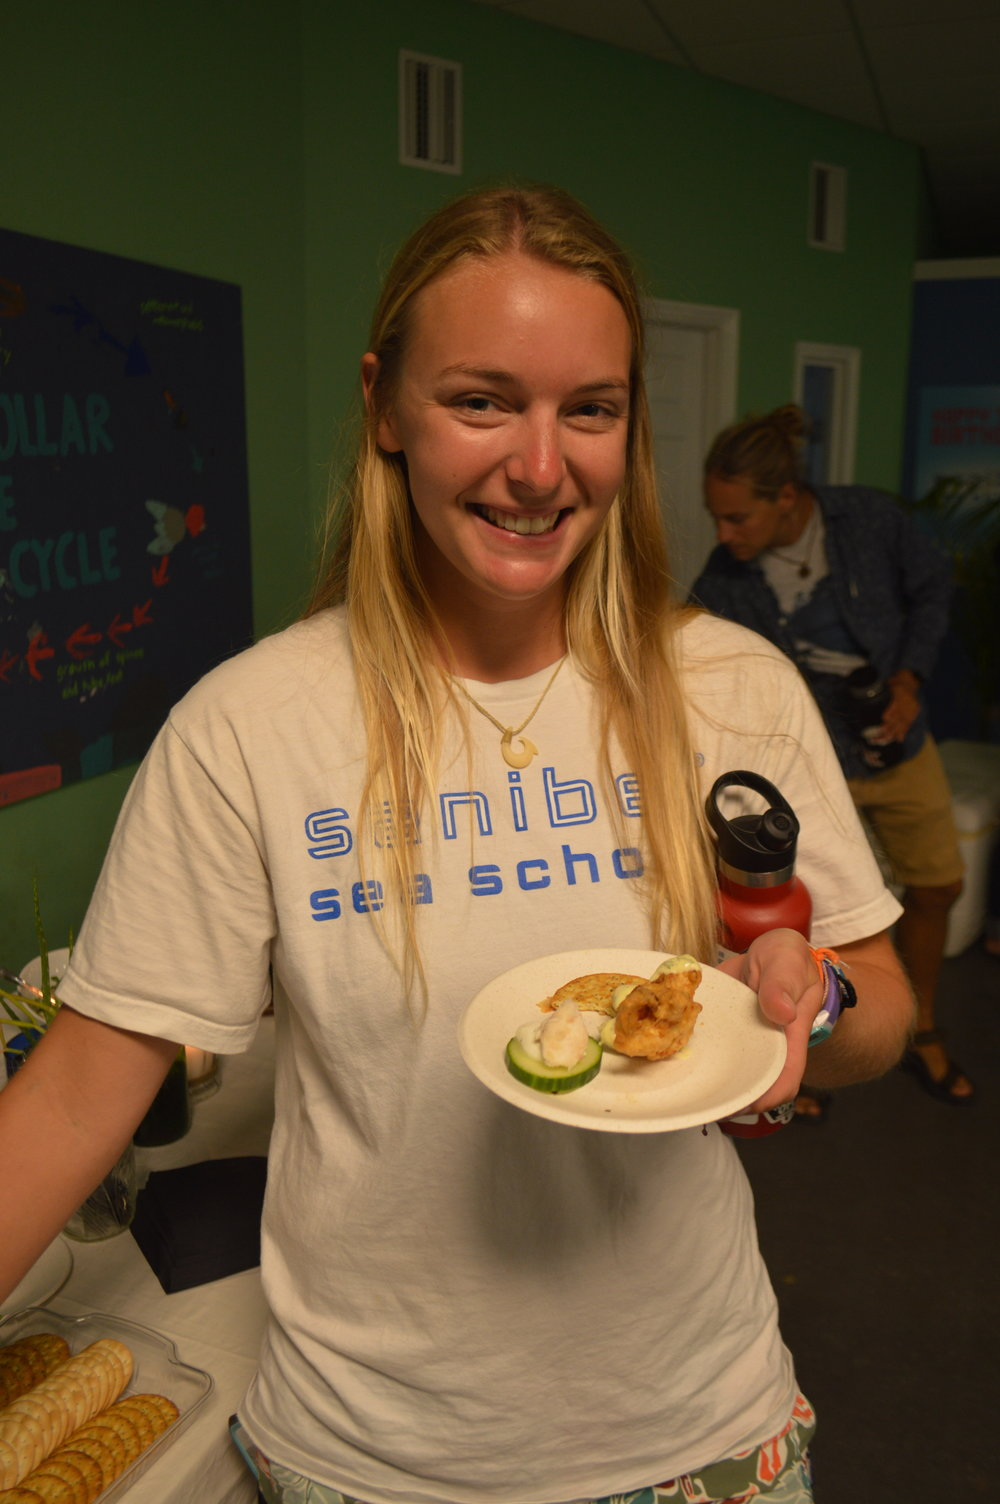 Angel Seery, a marine educator at Sanibel Sea School, enjoyed the food.